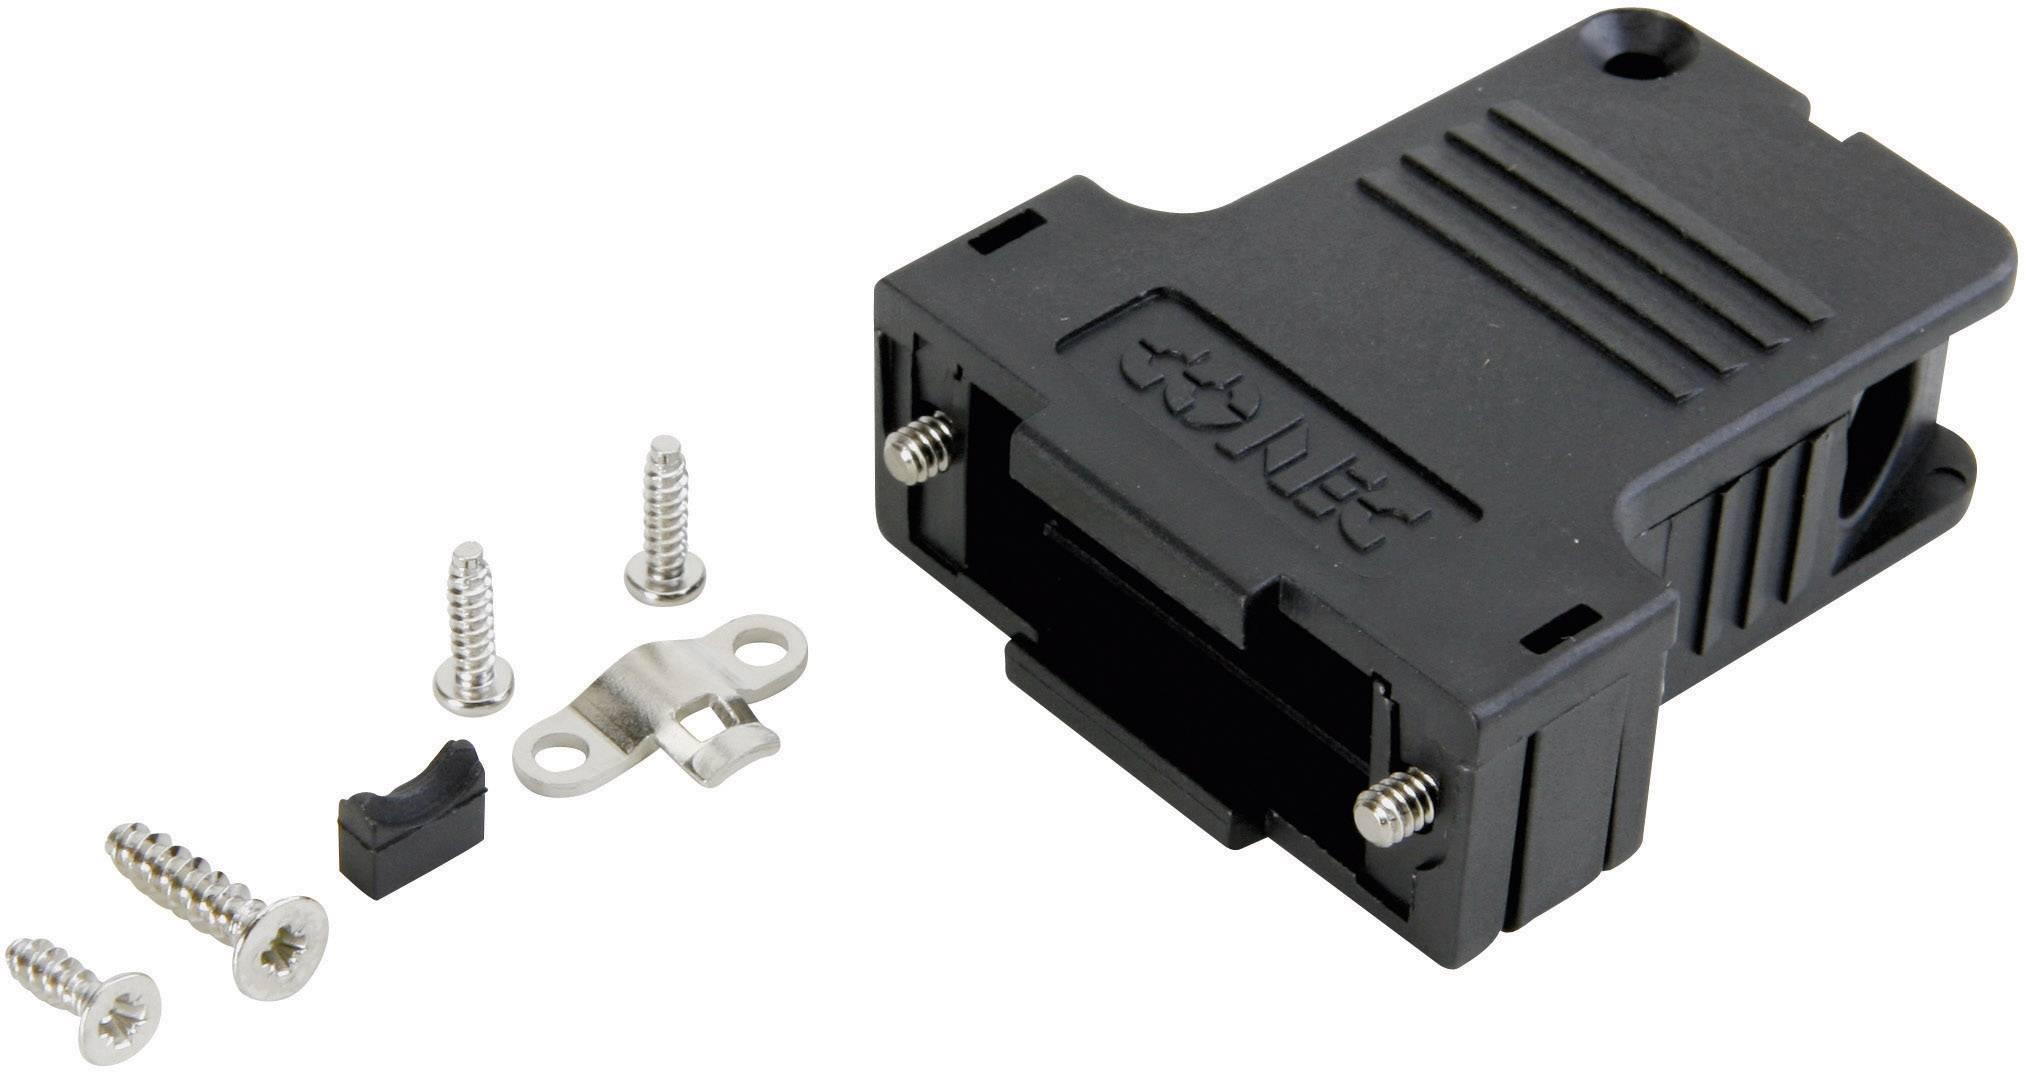 D-SUB pouzdro Conec 165X13459XE, 50 pólů, úhel připojení 45°, plast, černá, 1 ks